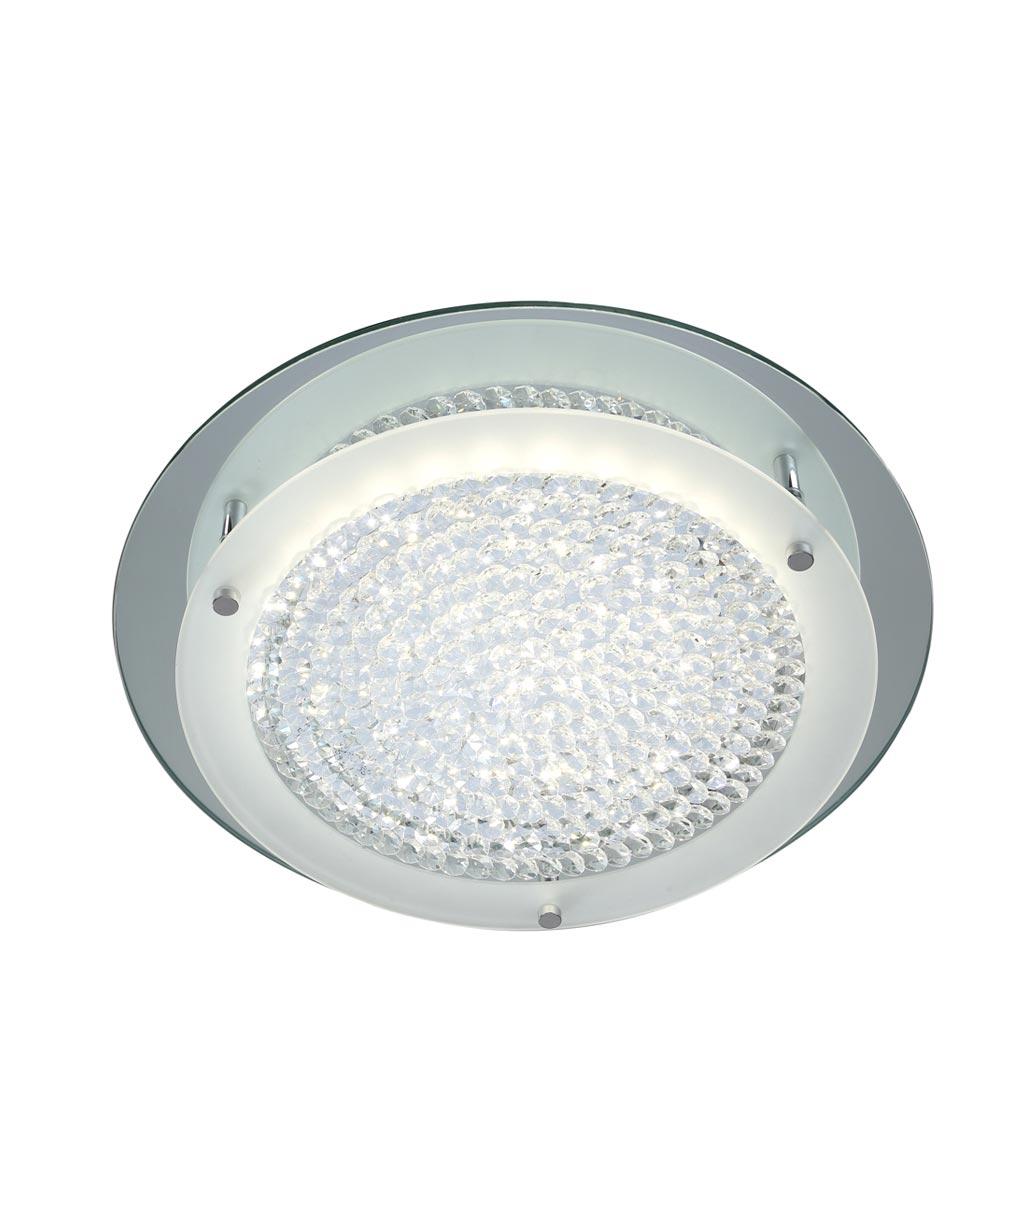 Plaf n mediano crystal led mirror la casa de la l mpara for La casa del led